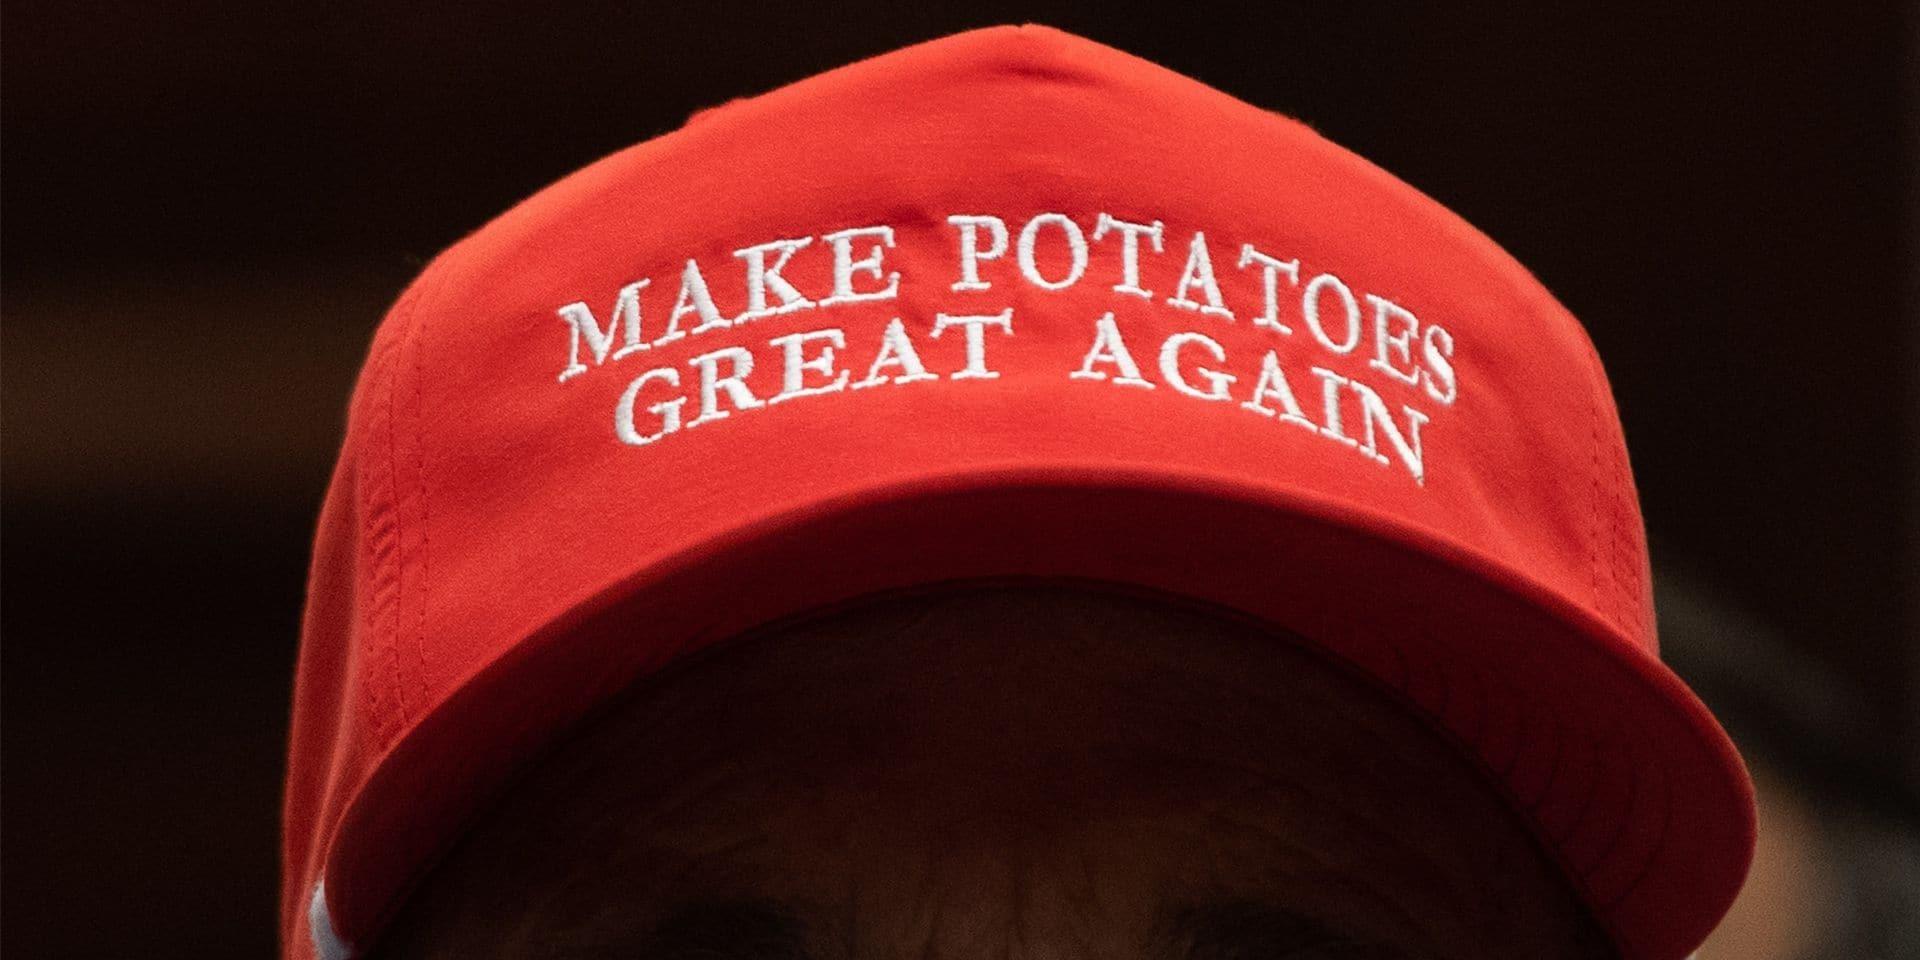 """Un fermier invité à la Maison blanche lors de la promulgation des subsides au secteur agricole porte une casquette parodiant le slogan de campagne de Trump """"Make America Great Again""""."""